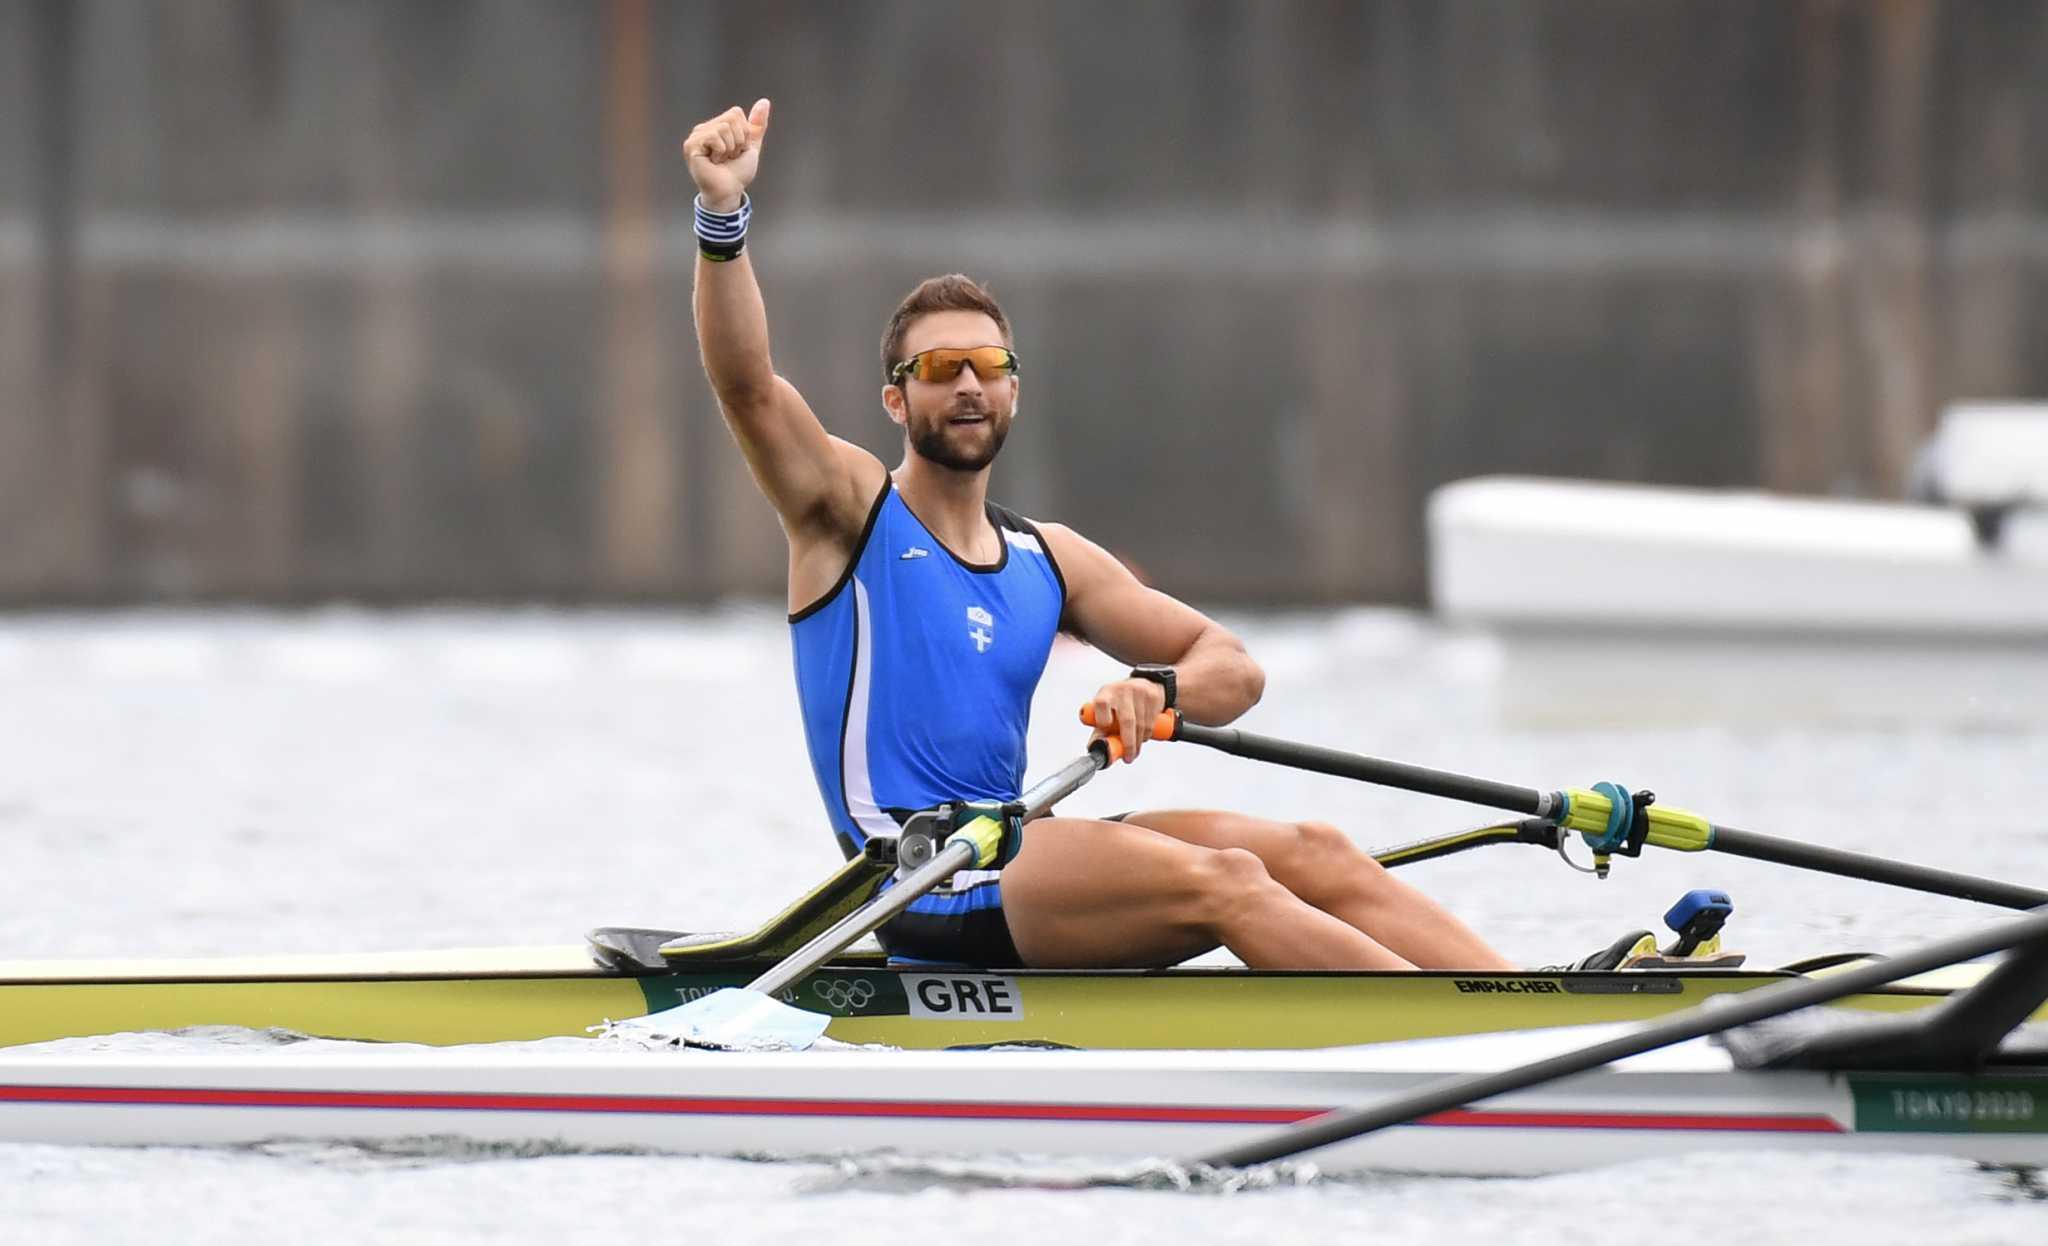 Ο Στέφανος Ντούσκος κατέκτησε το χρυσό μετάλλιο στους Ολυμπιακούς Αγώνες